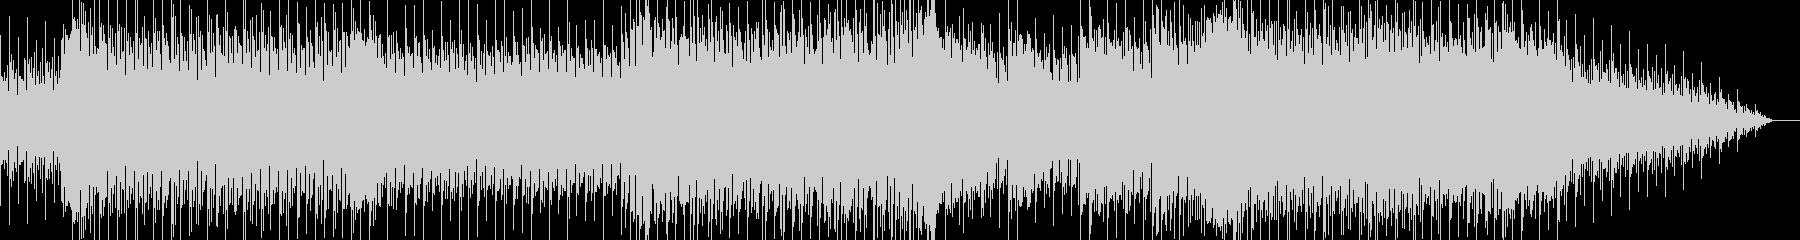 力強いスネアドラムが印象的なBGMの未再生の波形